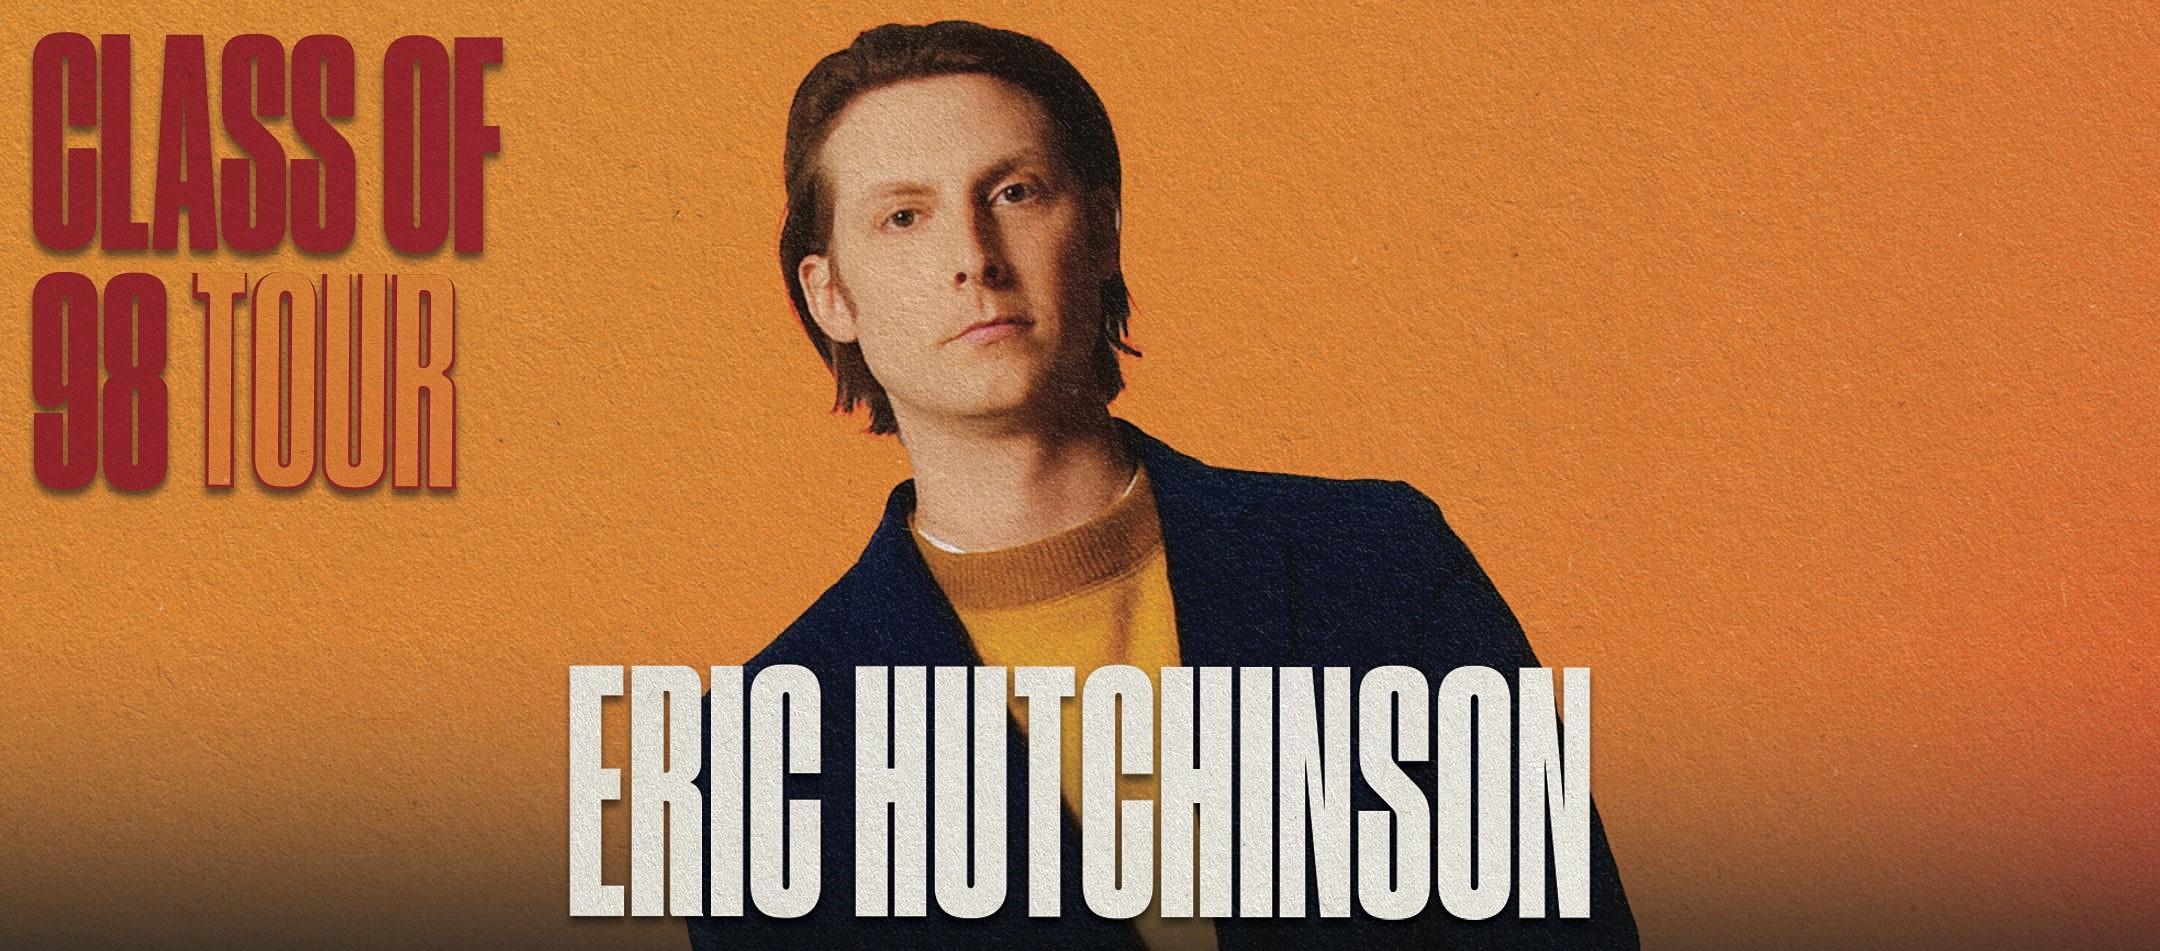 Eric Hutchinson w/ Casey